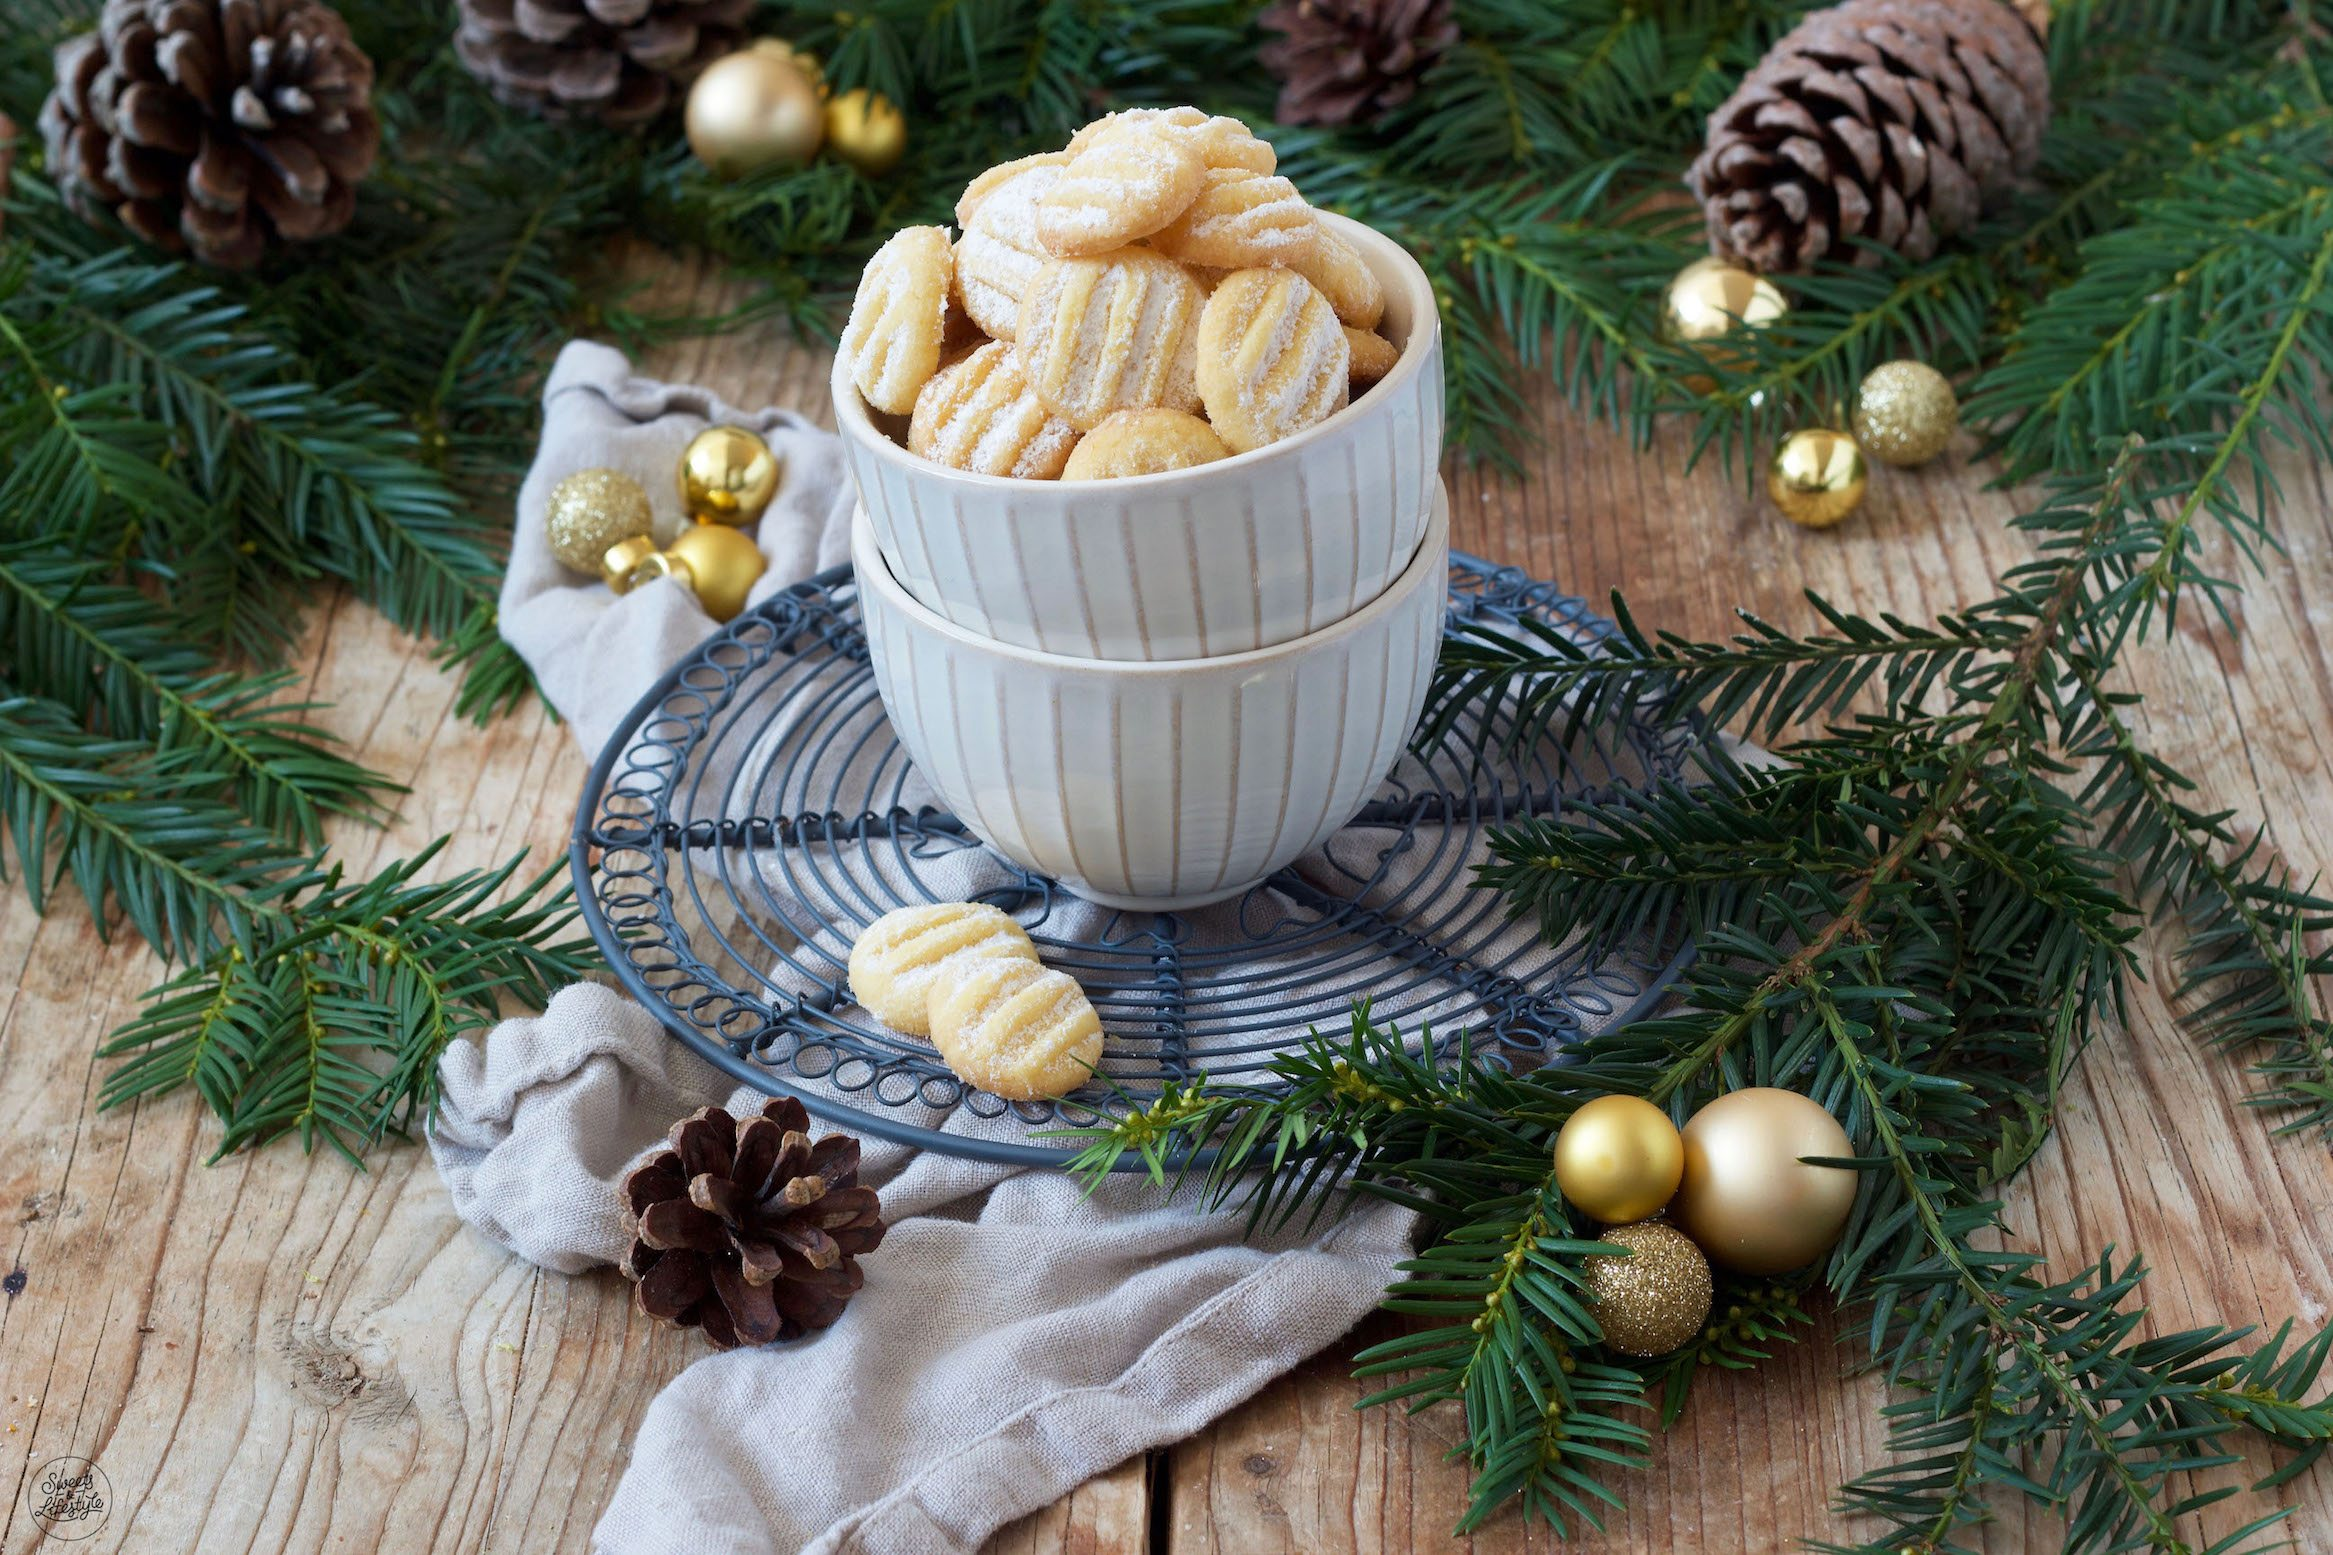 Schnelle Weihnachtskekse.Puddingplätzchen Weihnachtskekse Rezept Sweets Lifestyle